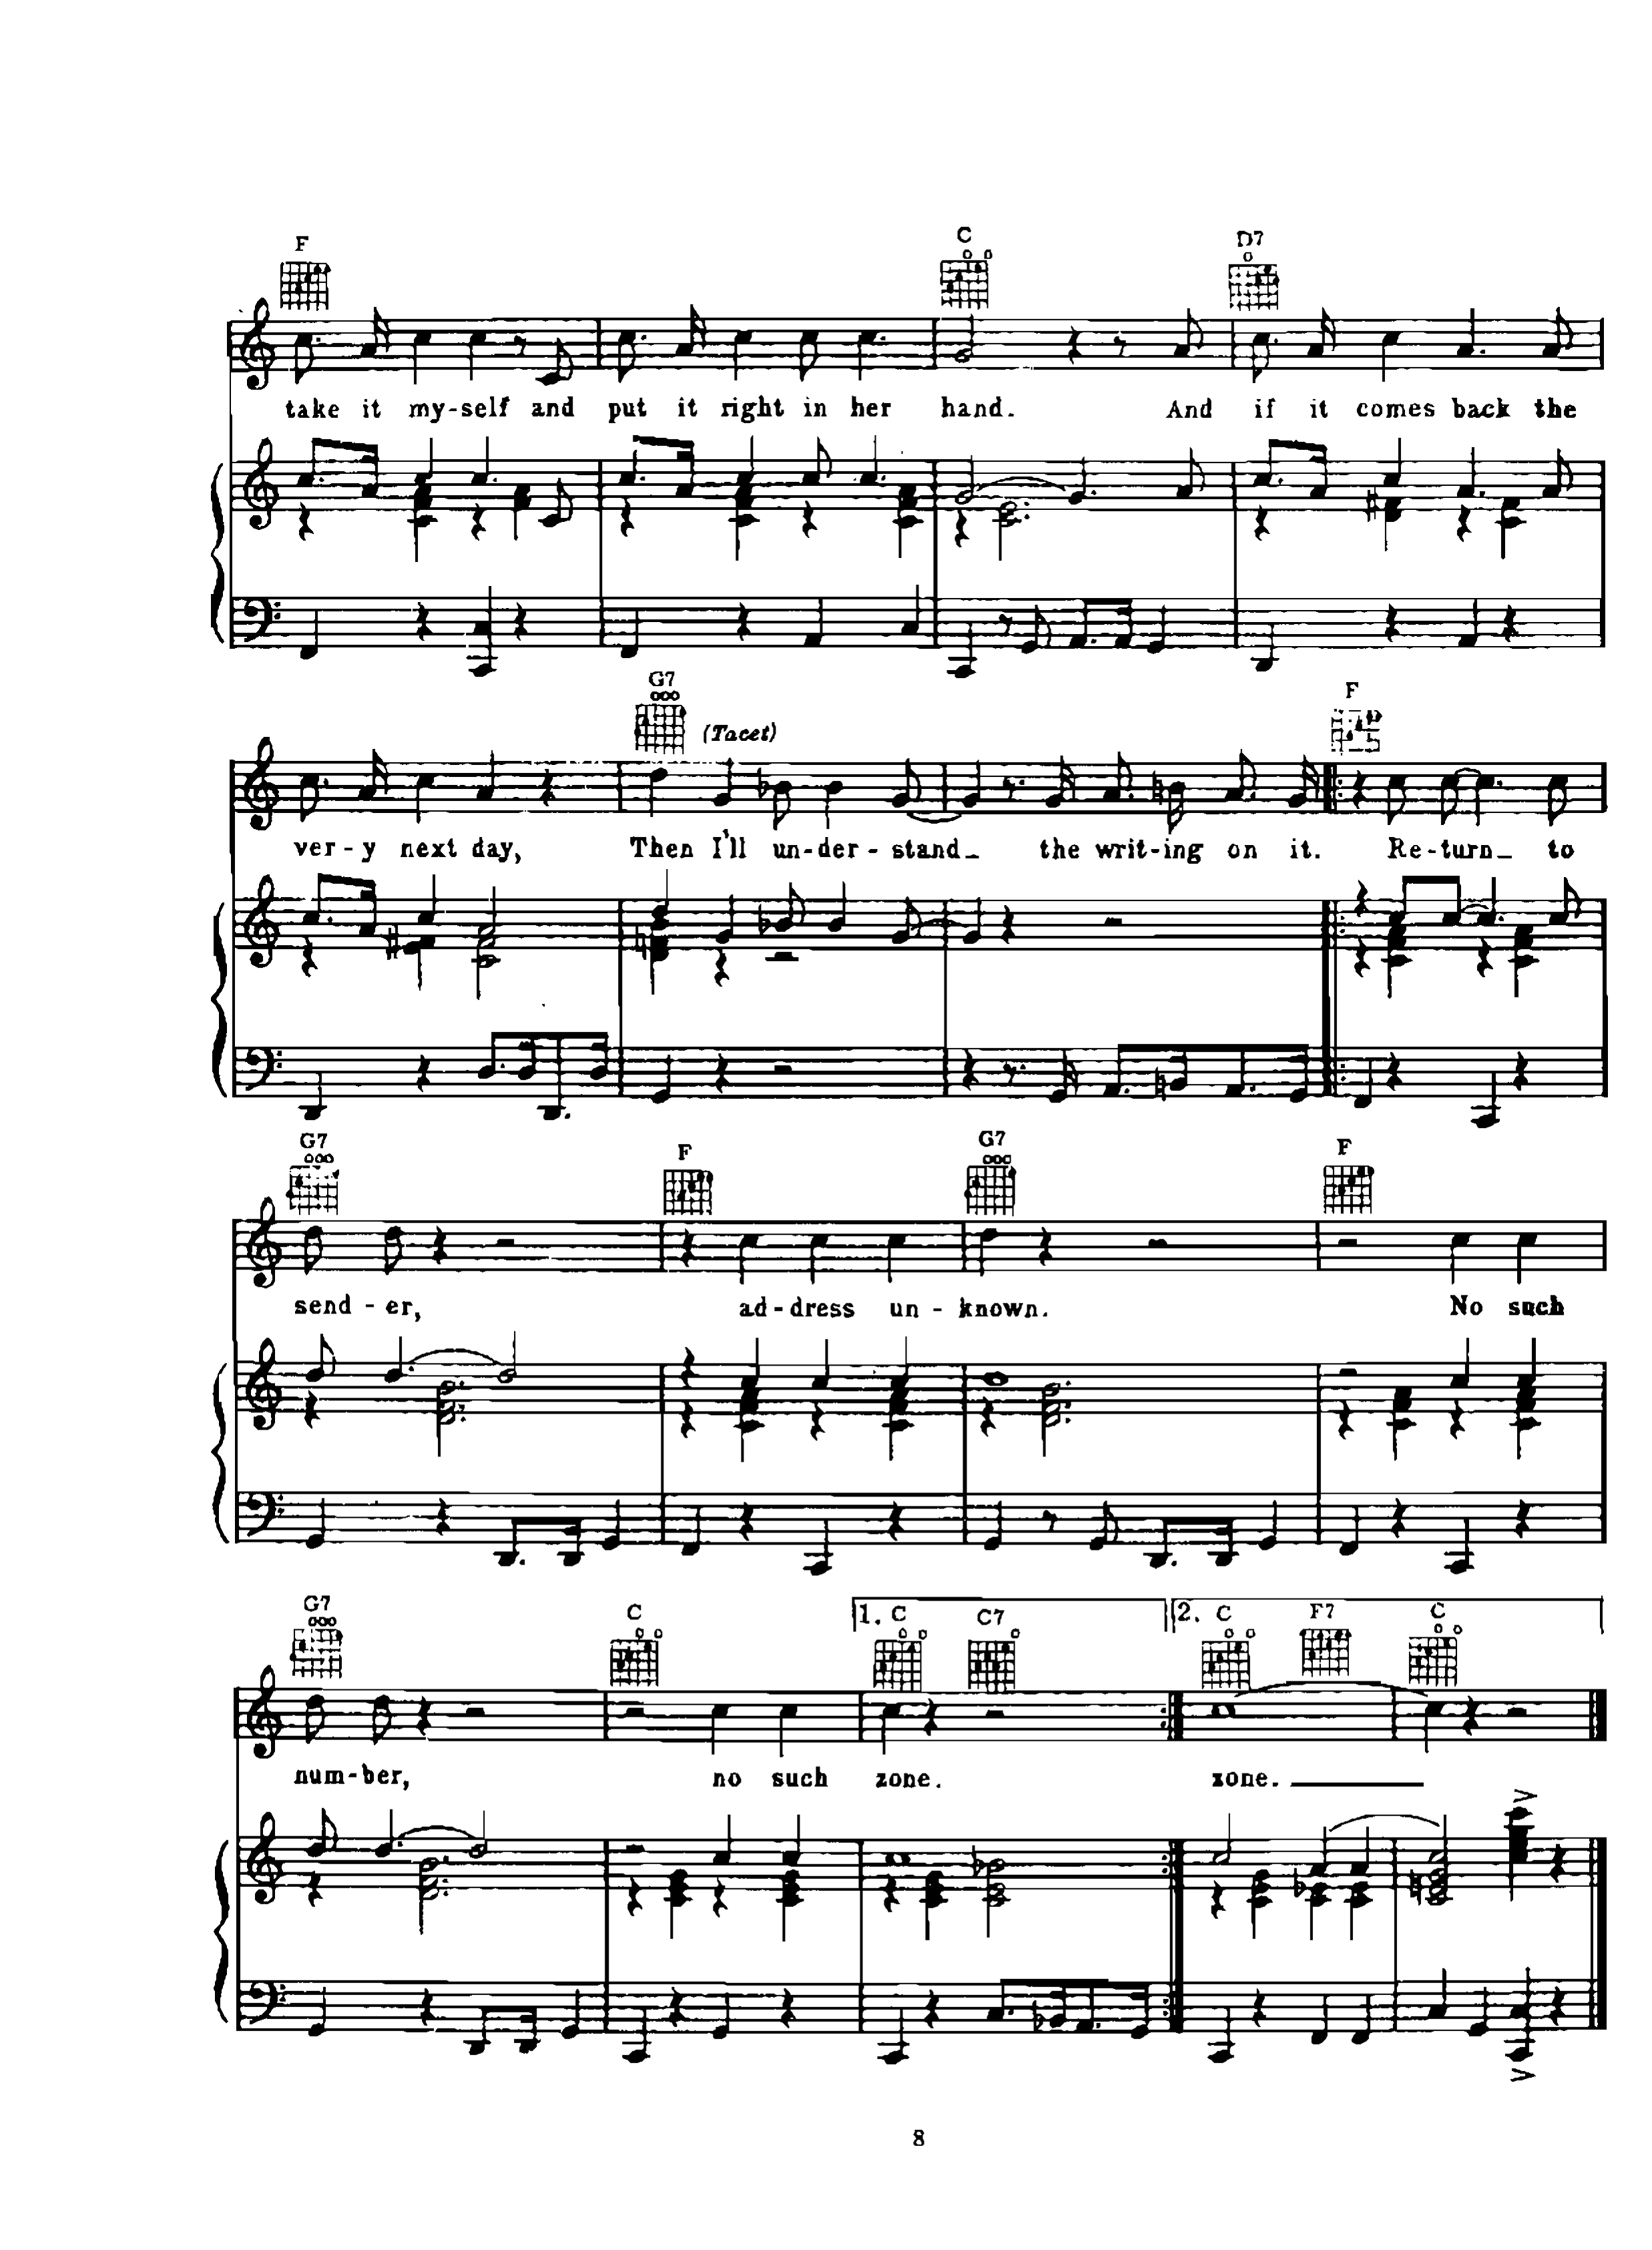 Chia sẻ: Elvis Presley với các ca khúc nổi tiếng soạn cho Piano và Guitar Return to Sender